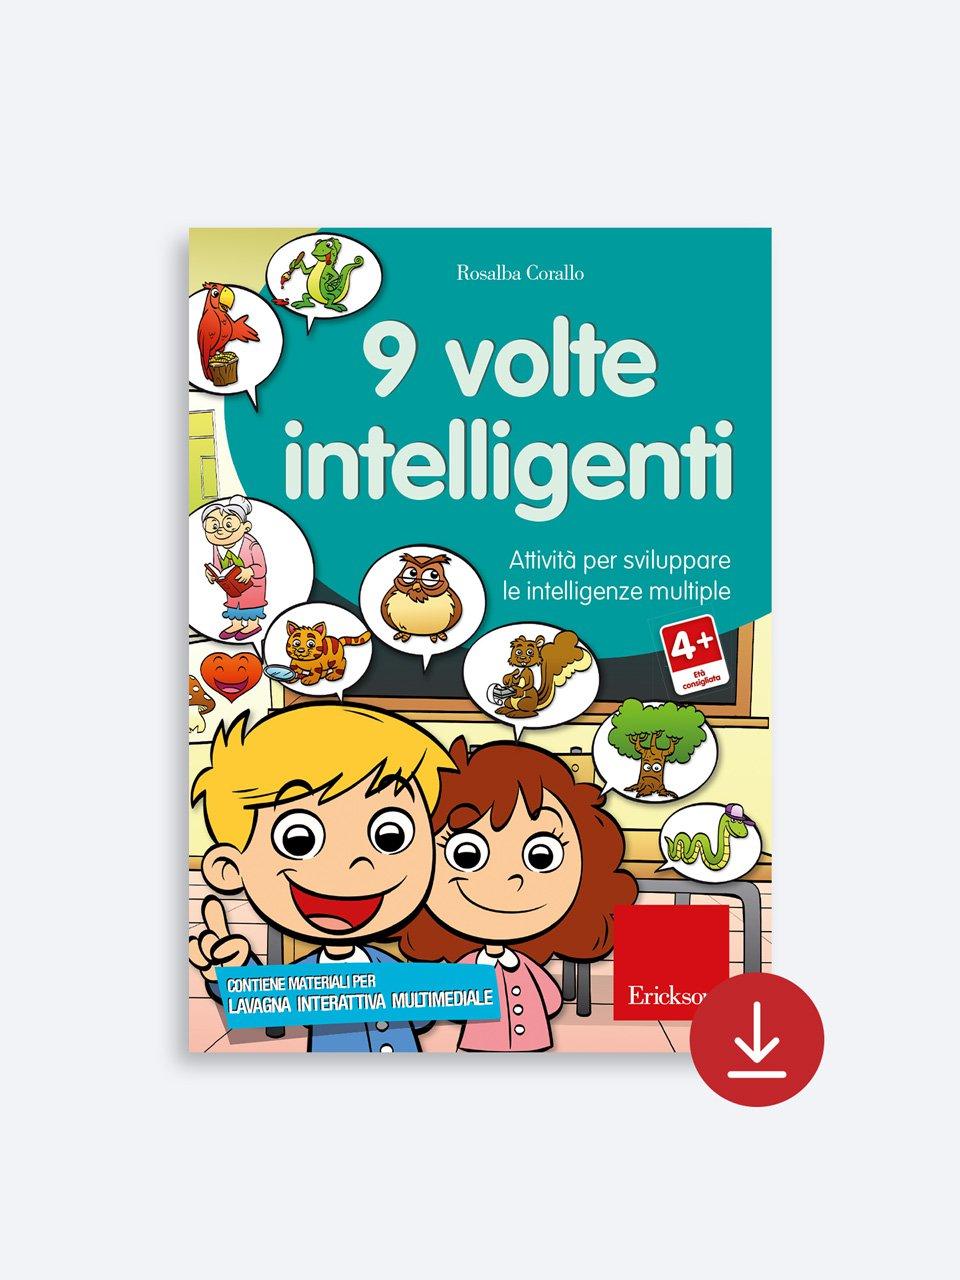 9 volte intelligenti - Rosalba Corallo - Erickson 2